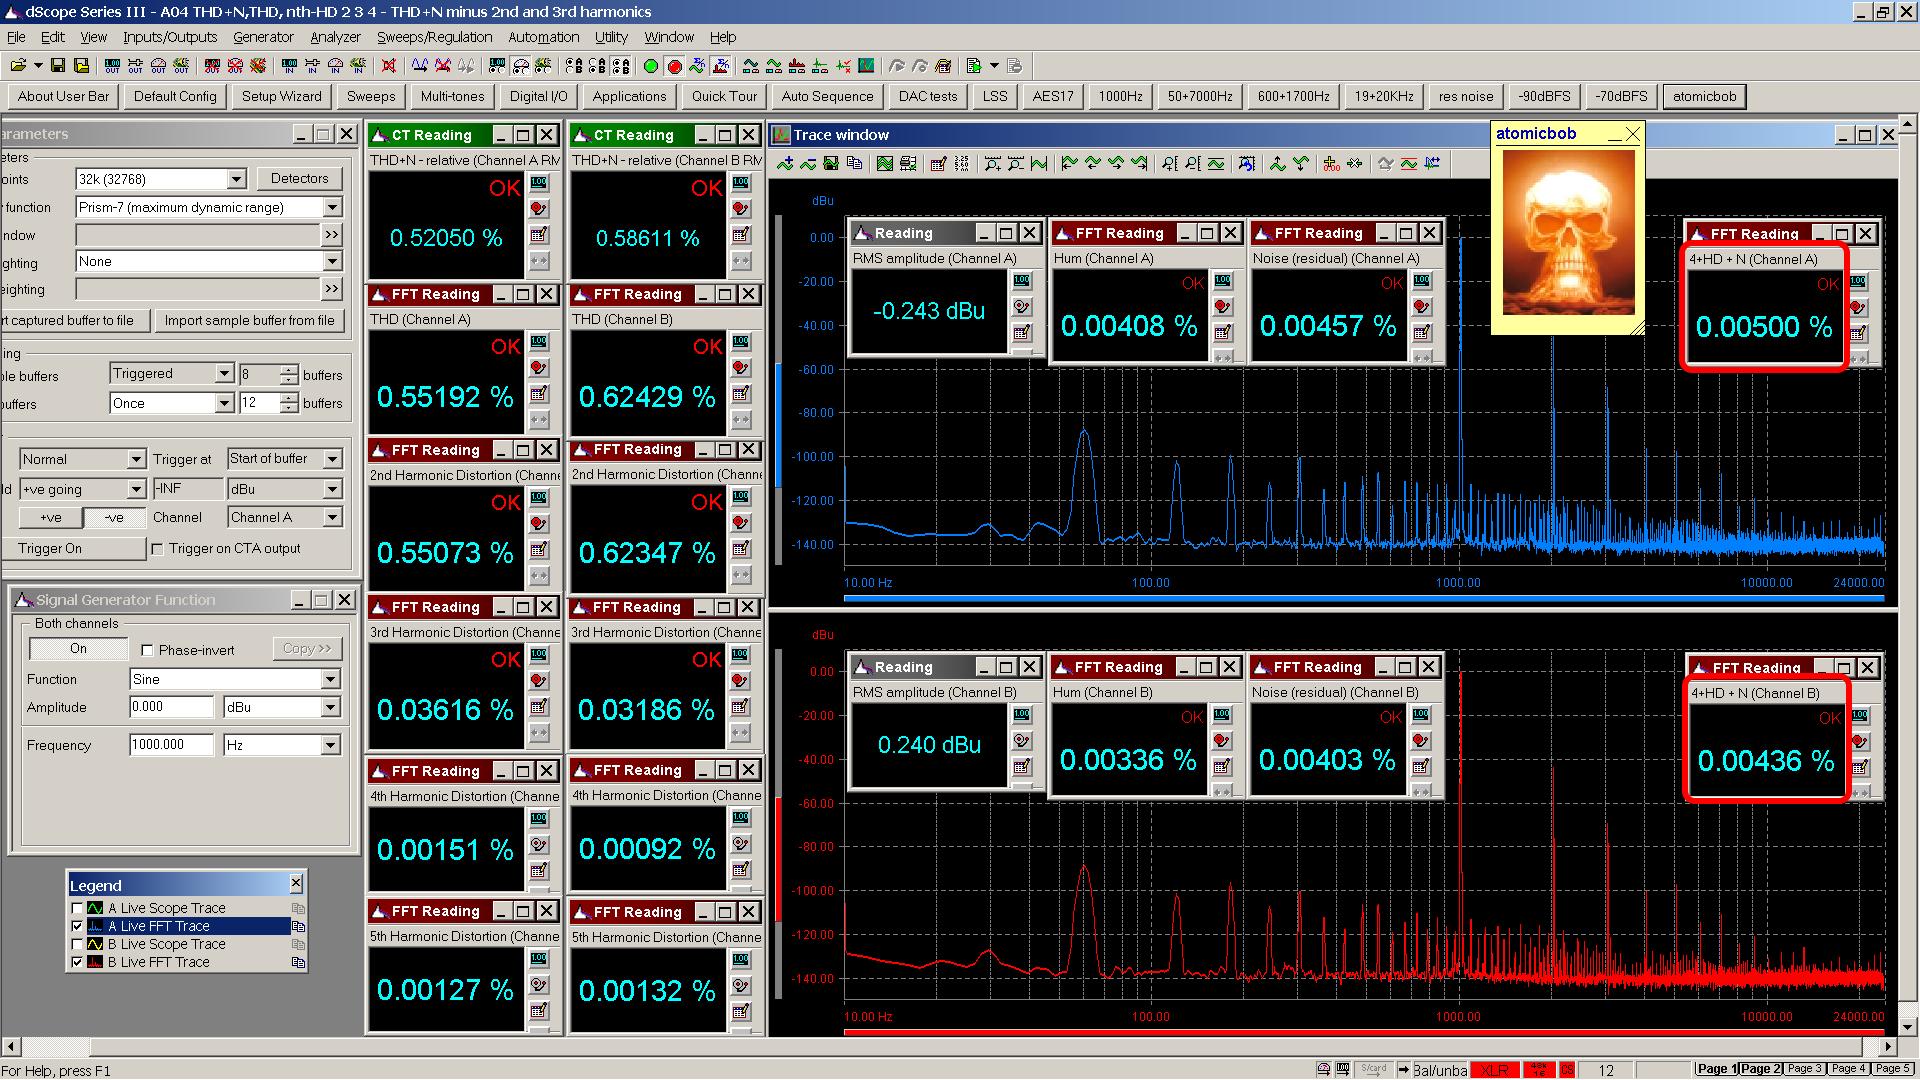 20190930-5 SW51+ 6Z51P A04 THD+N  THD  nth-HD FFT 300R HiZ - 4+HD+N with 60Hz 0dBu - 4+HD+N.png